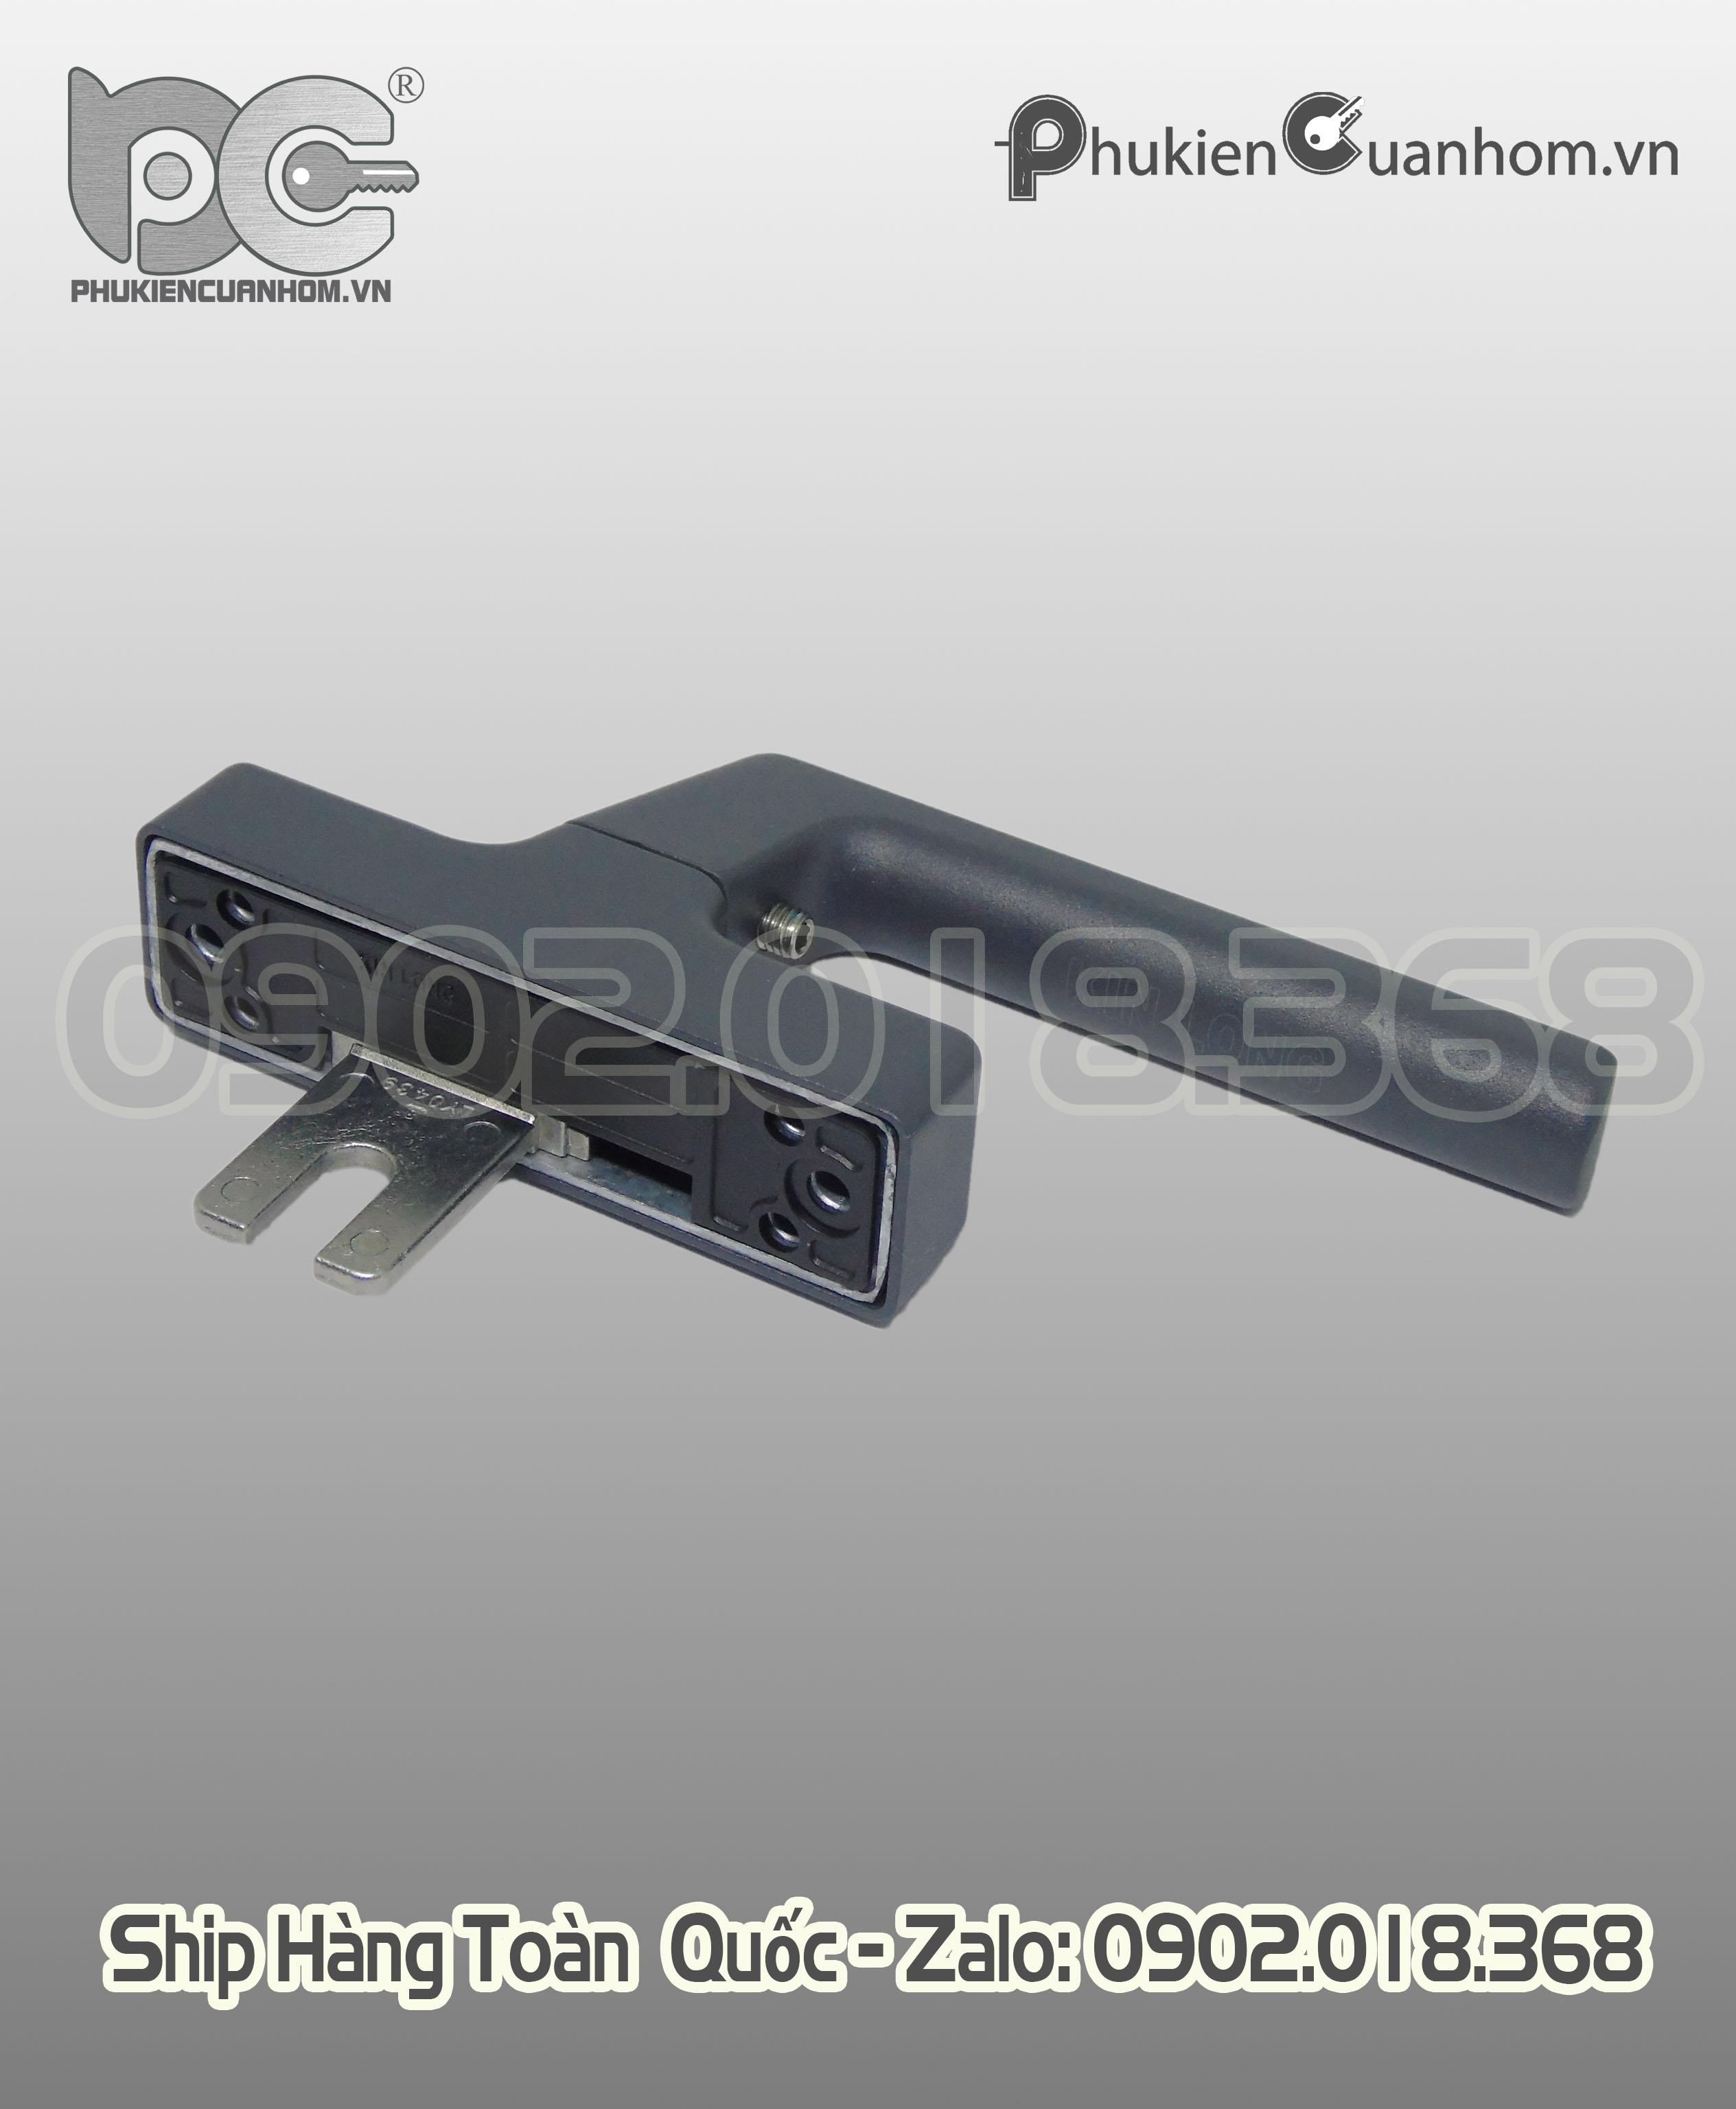 Tay nắm cửa sổ mở quay màu xám ghi hiệu KinLong chính hãng - CZS320 xám ghi